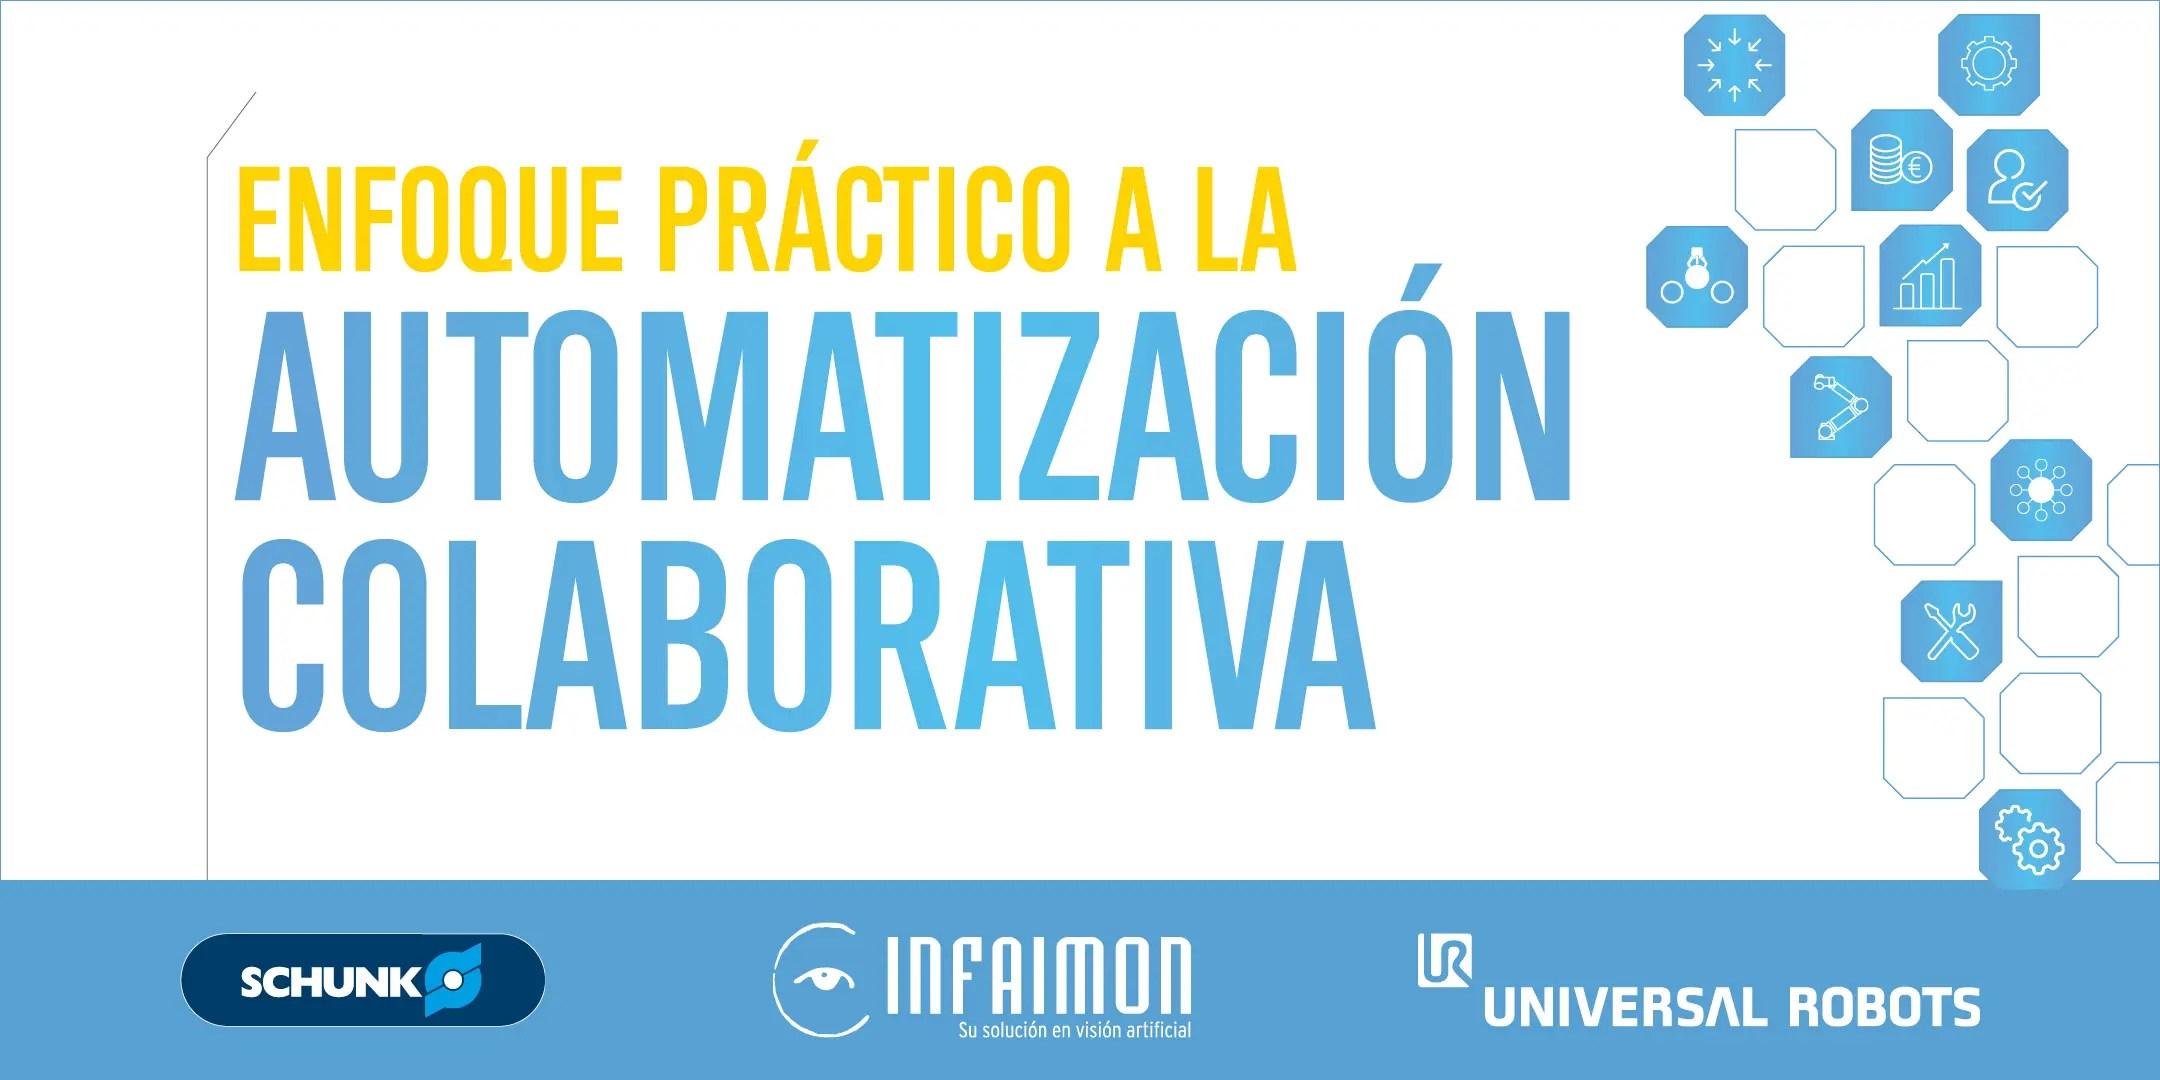 SCHUNK os invita a un Enfoque Práctico sobre la Automatización Colaborativa el 29 de Noviembre en Vigo